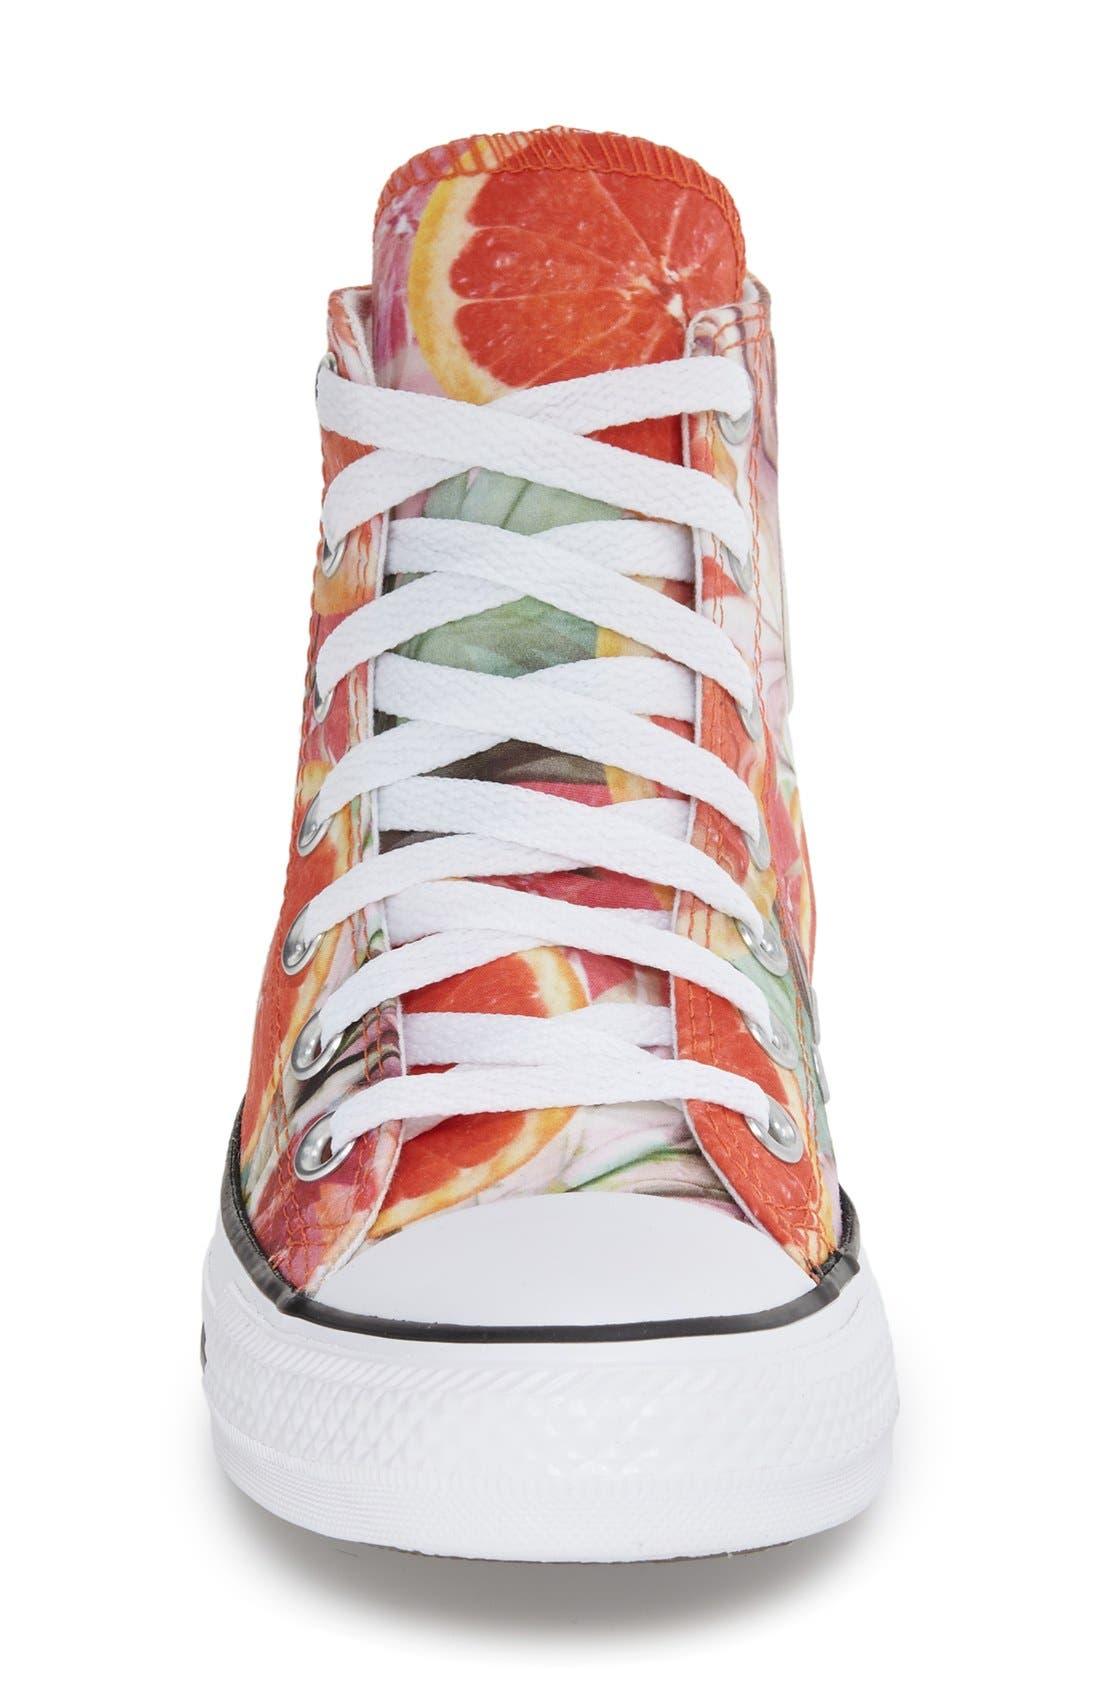 Alternate Image 3  - Converse Chuck Taylor® All Star® Grapefruit Print High Top Sneaker (Women)